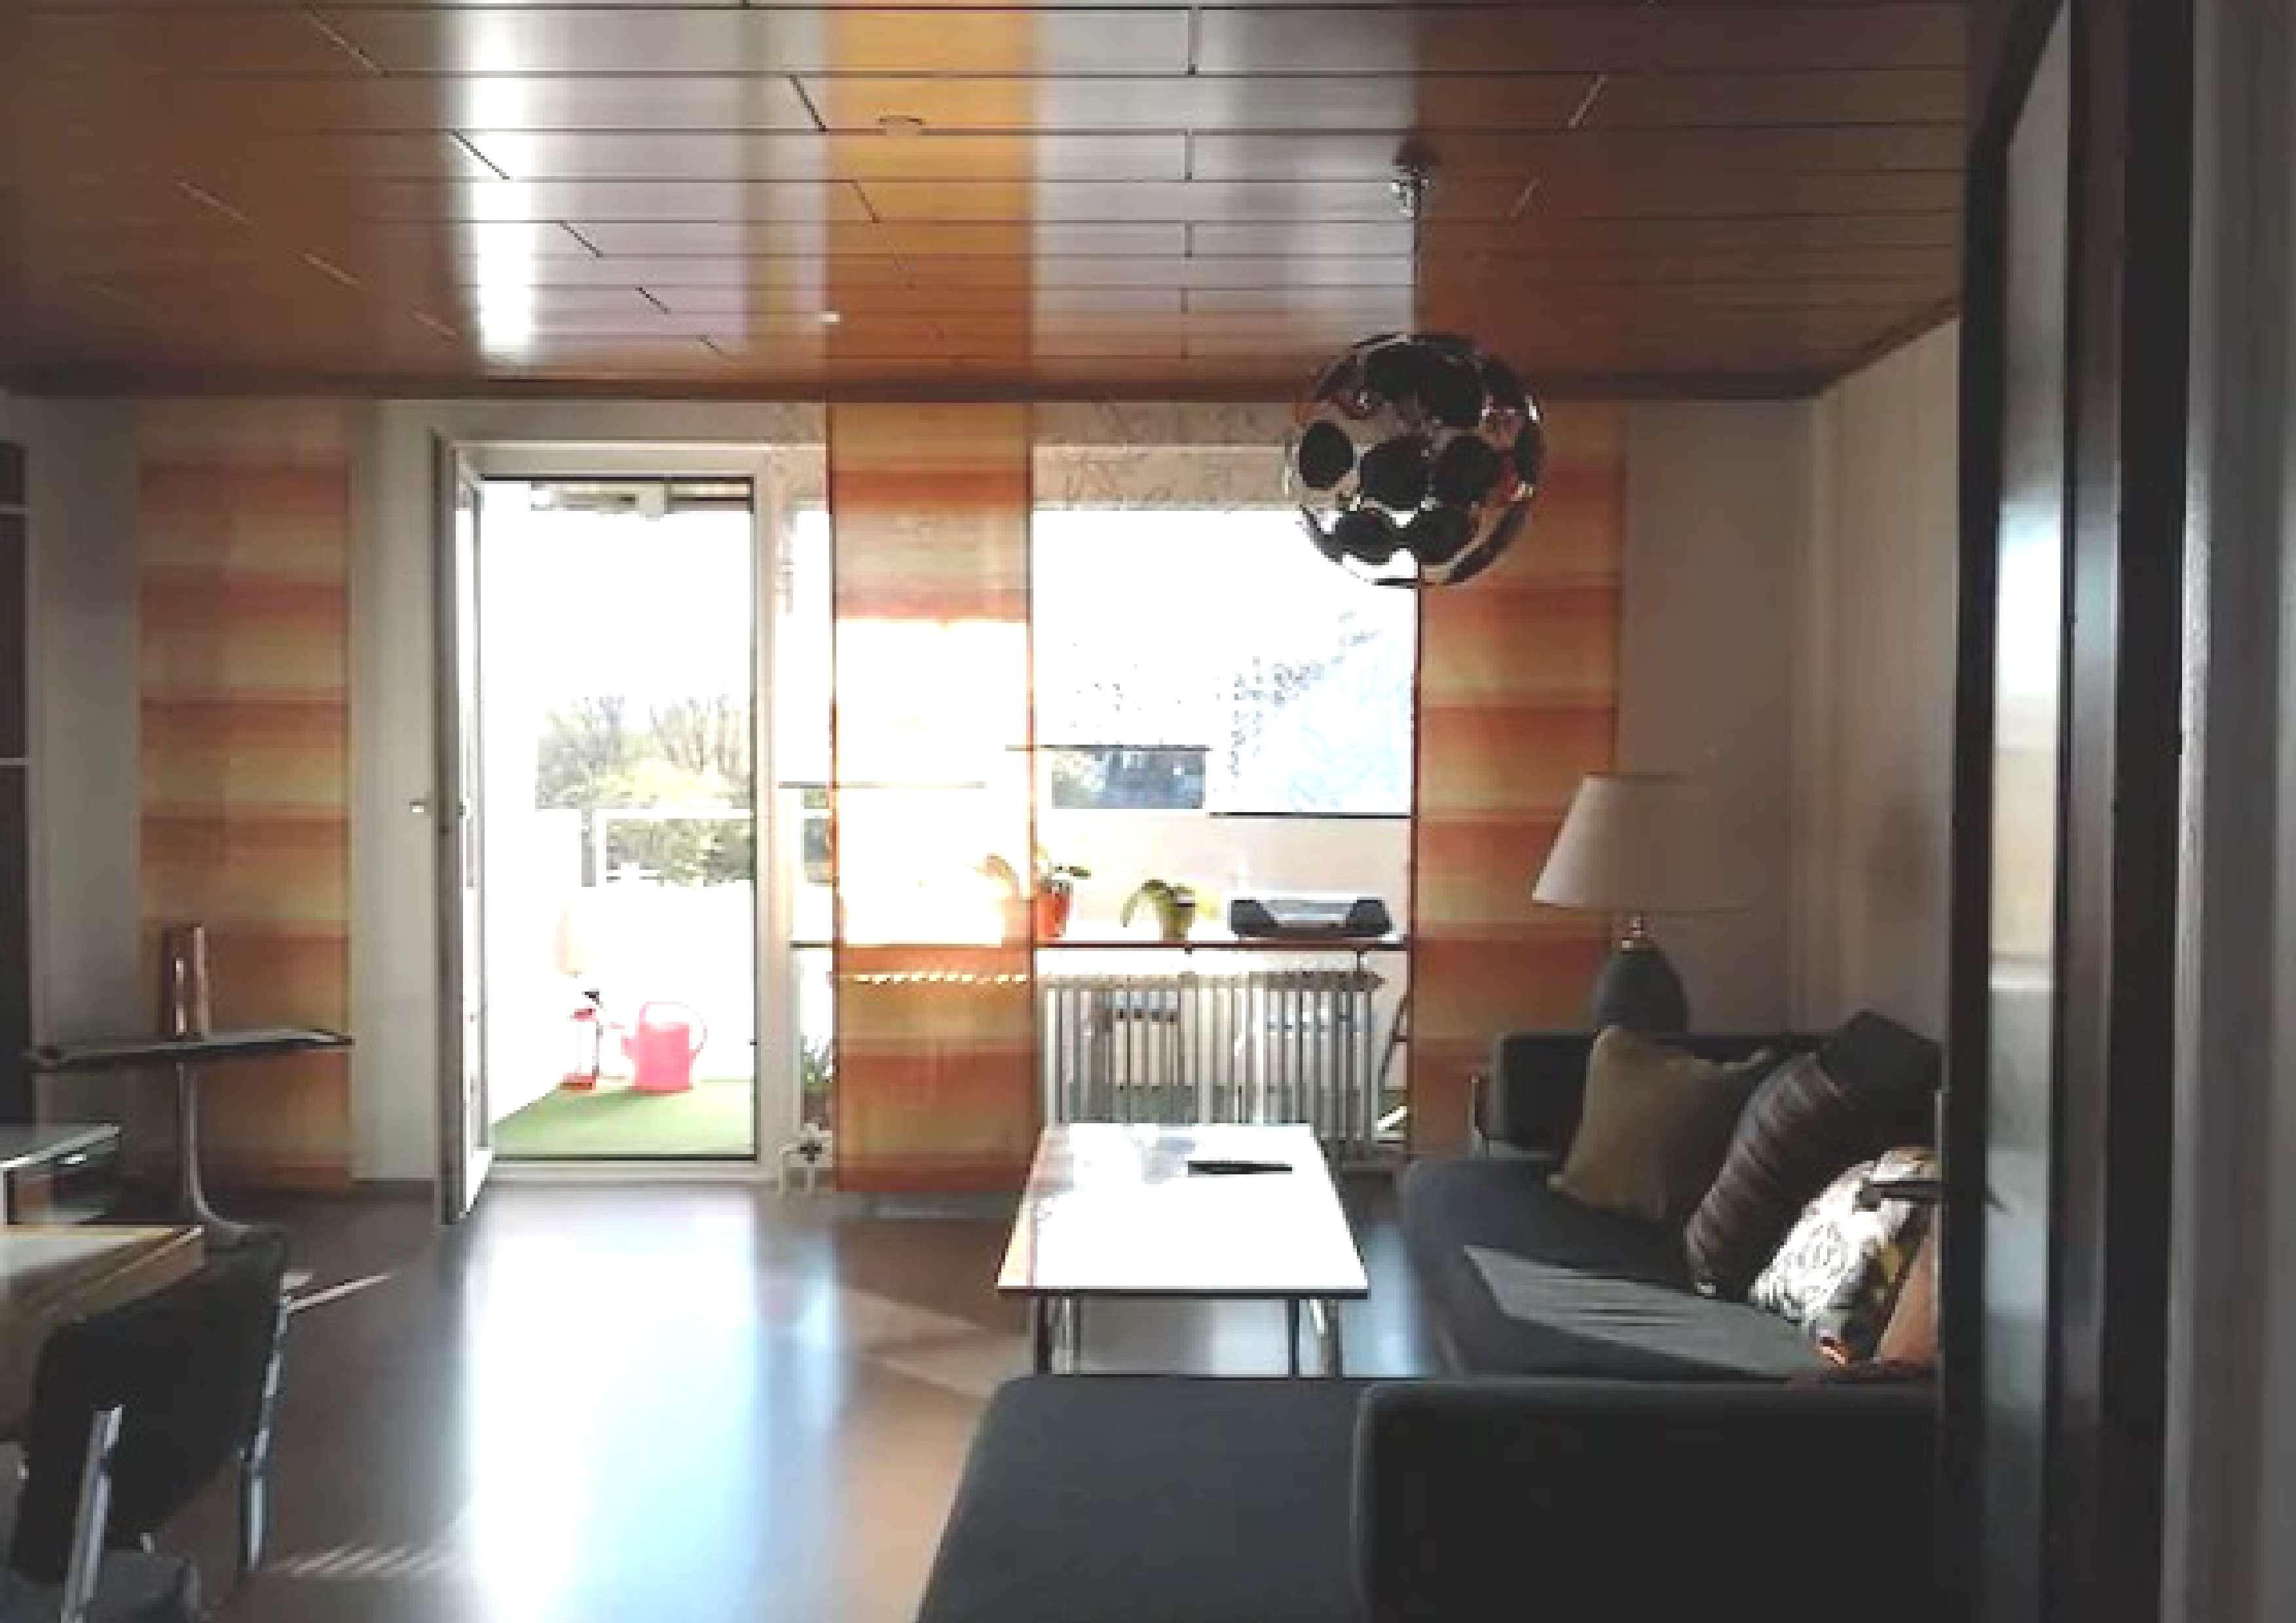 Wohnen auf Zeit in Fürth ! Möblierte 2-ZW ca. 70 qm, Laminat, EBK, Balkon, im 4. OG m. Aufzug in